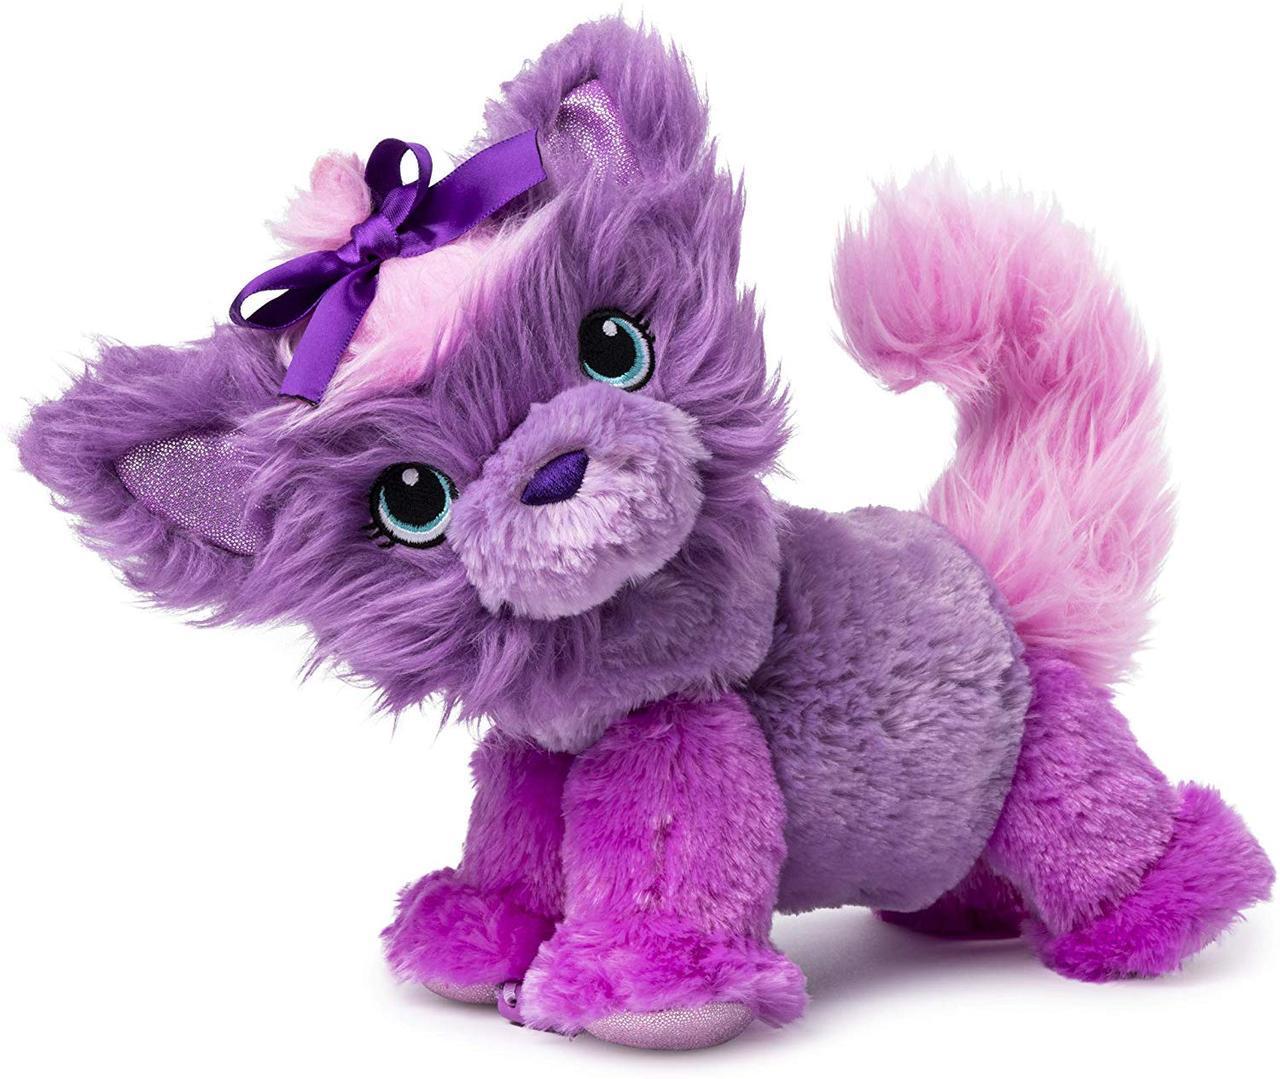 Мягкая Игрушка - Браслет плюшевый щенок Каддлес Твисти Петс Twisty Petz Cuddlez Puppy